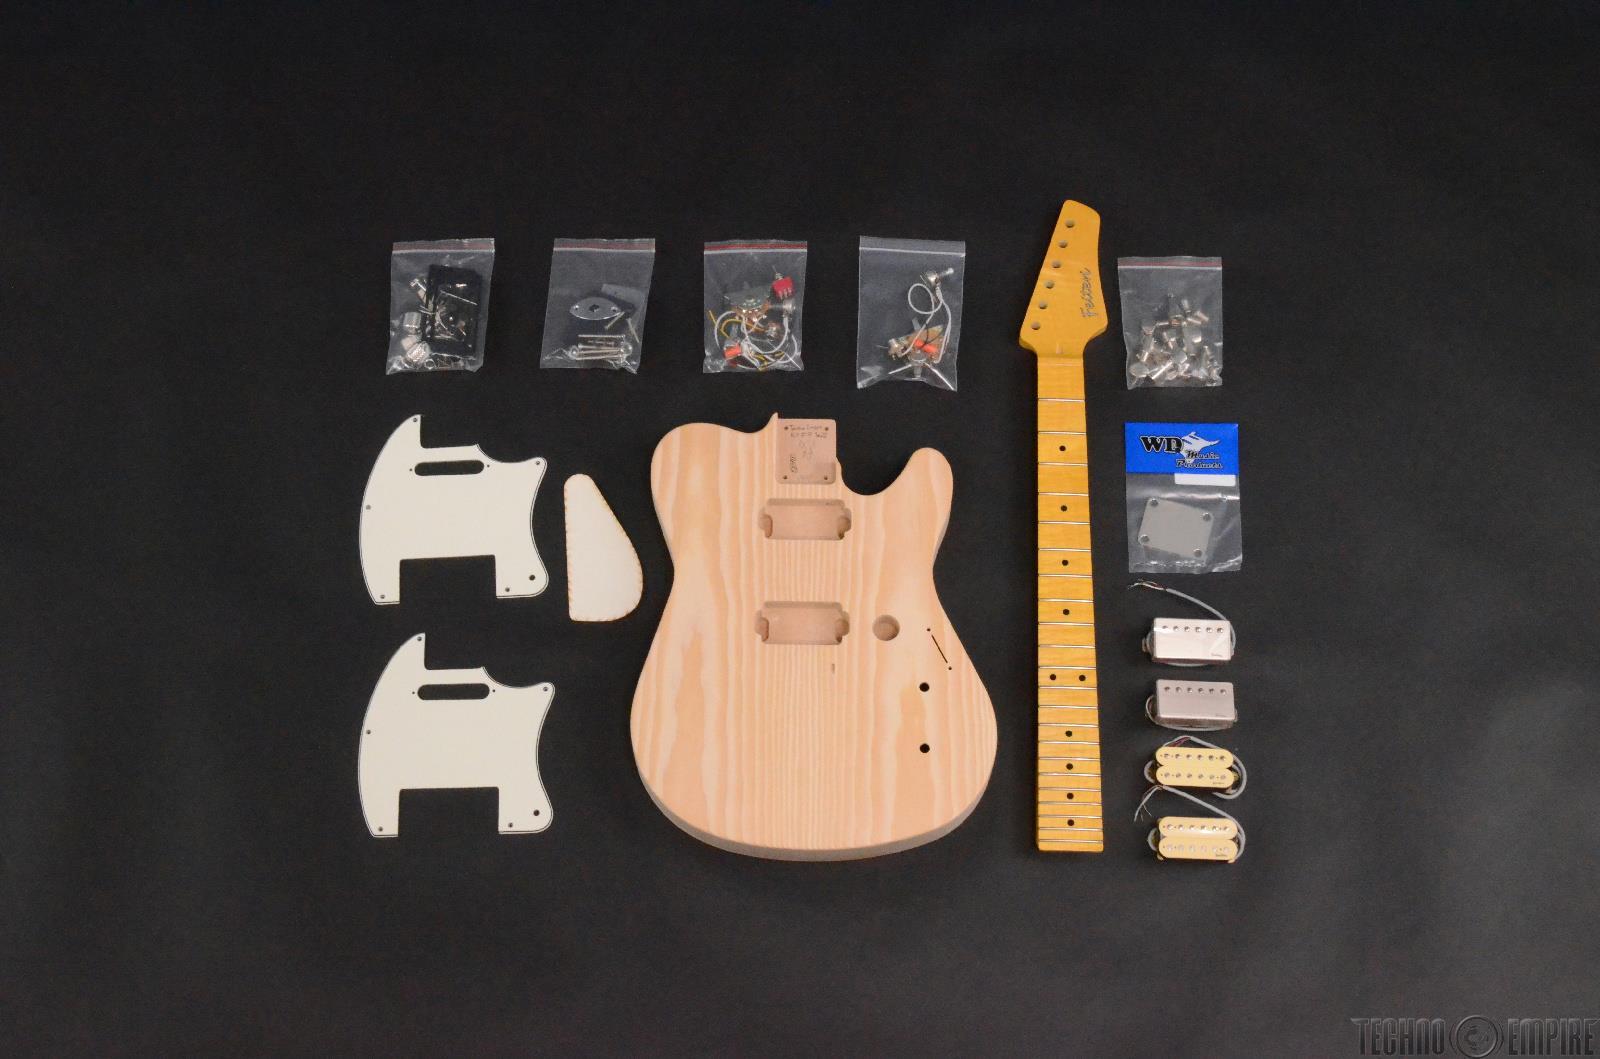 Buzz Feiten Gemini Elite Pro Build Your Own Electric Guitar Kit #28451